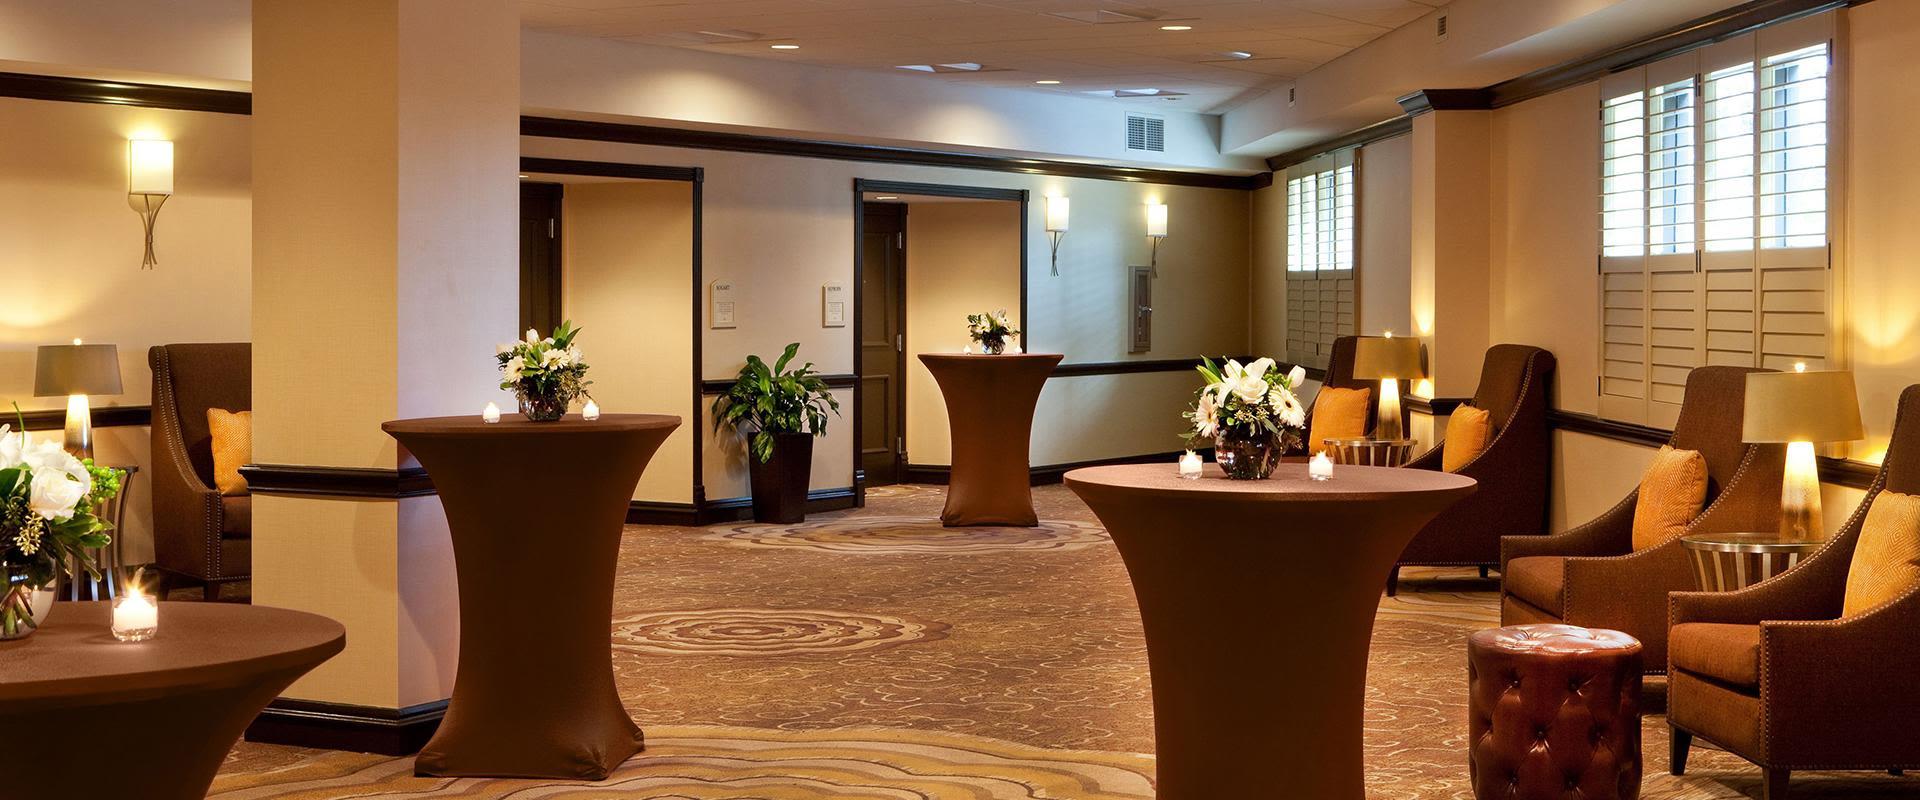 Atlanta Airport Hotel Reception Space